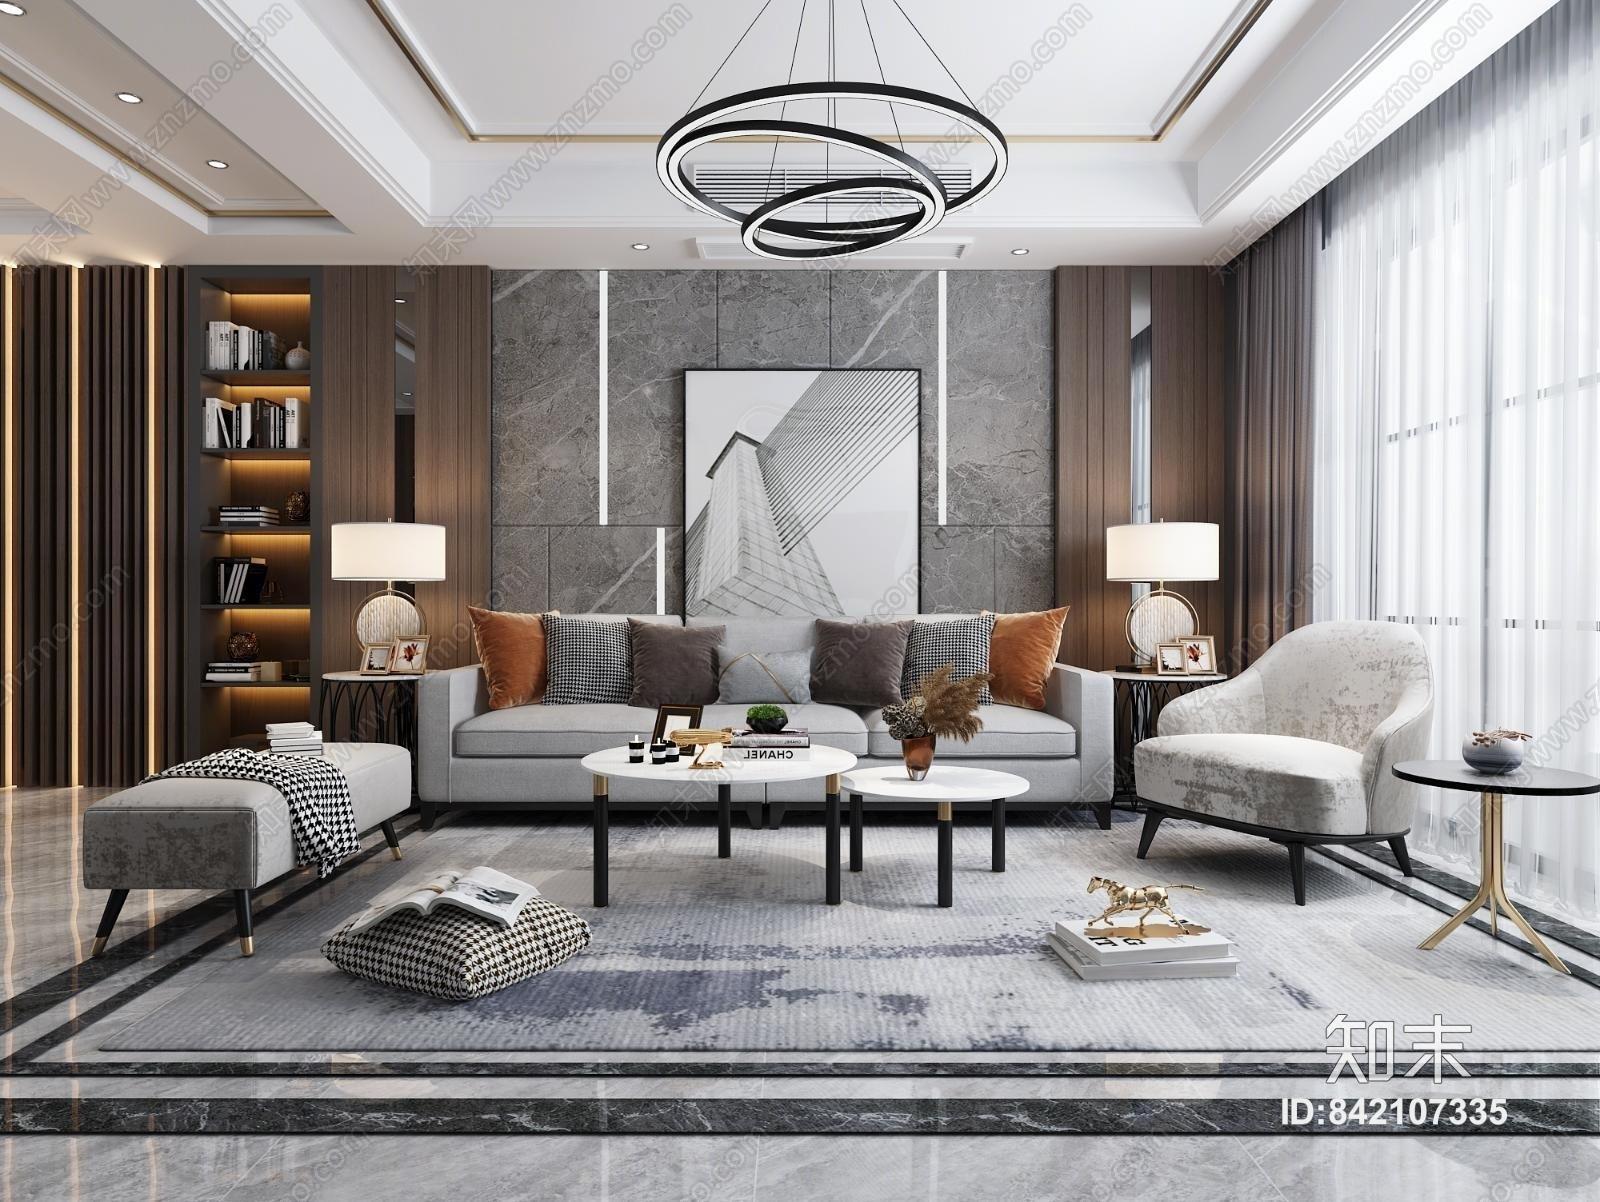 现代客厅餐厅 沙发茶几组合 餐桌椅 电视柜 吊灯 挂画 装饰品 摆件